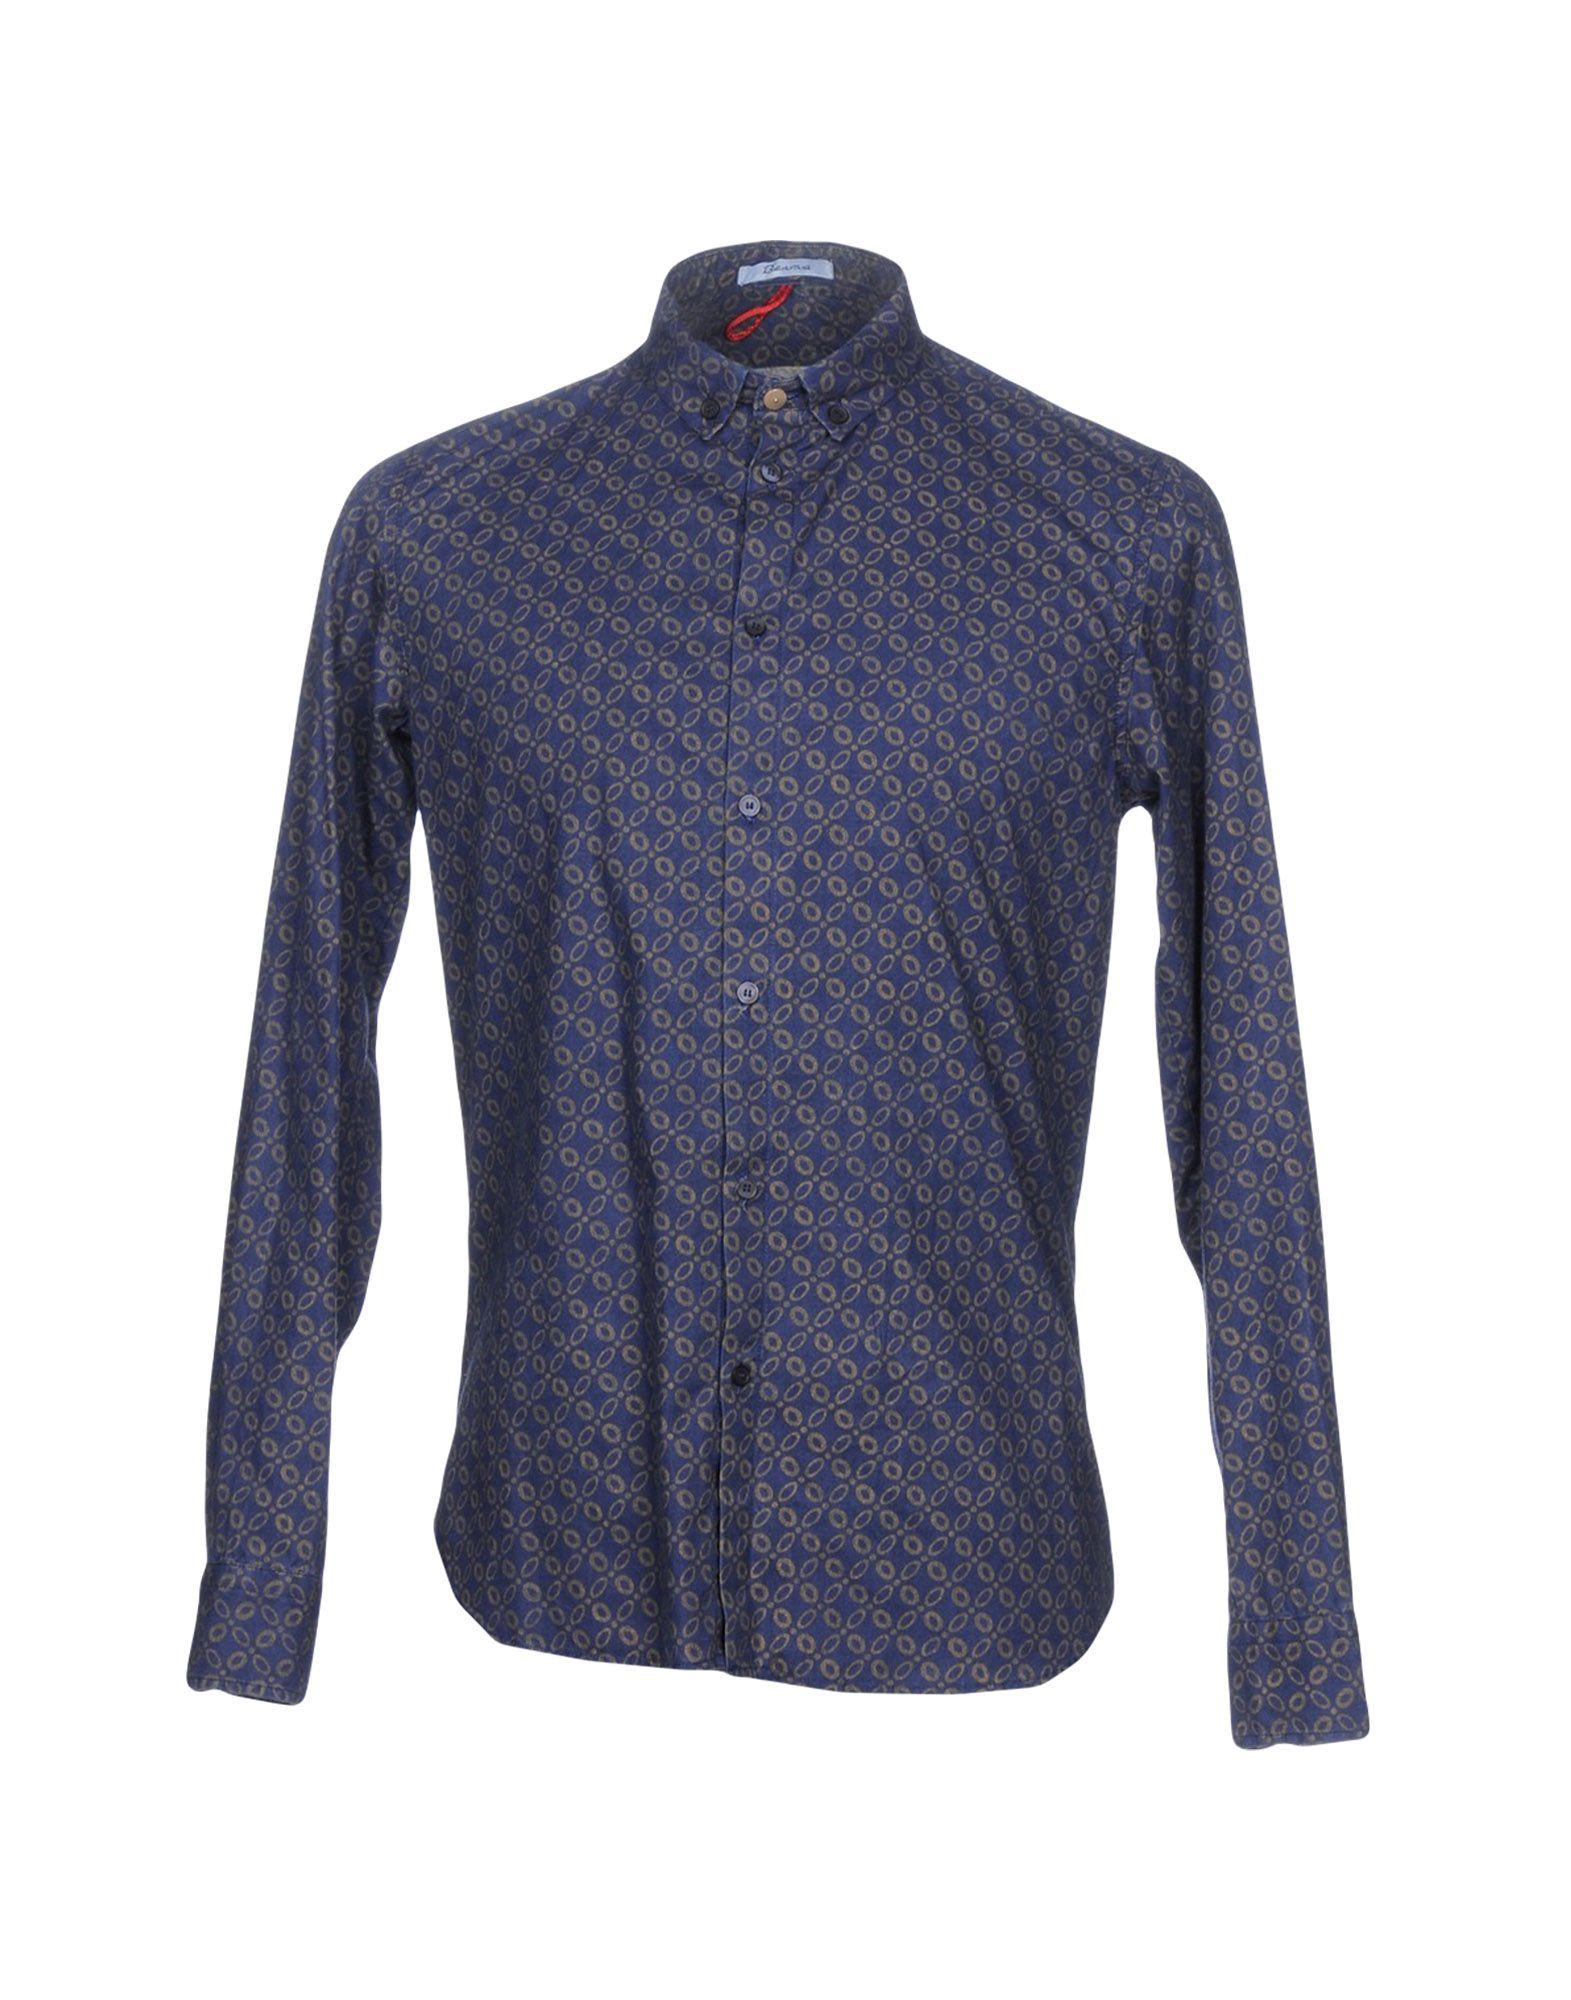 《送料無料》BERNA メンズ シャツ ブルー S コットン 100%